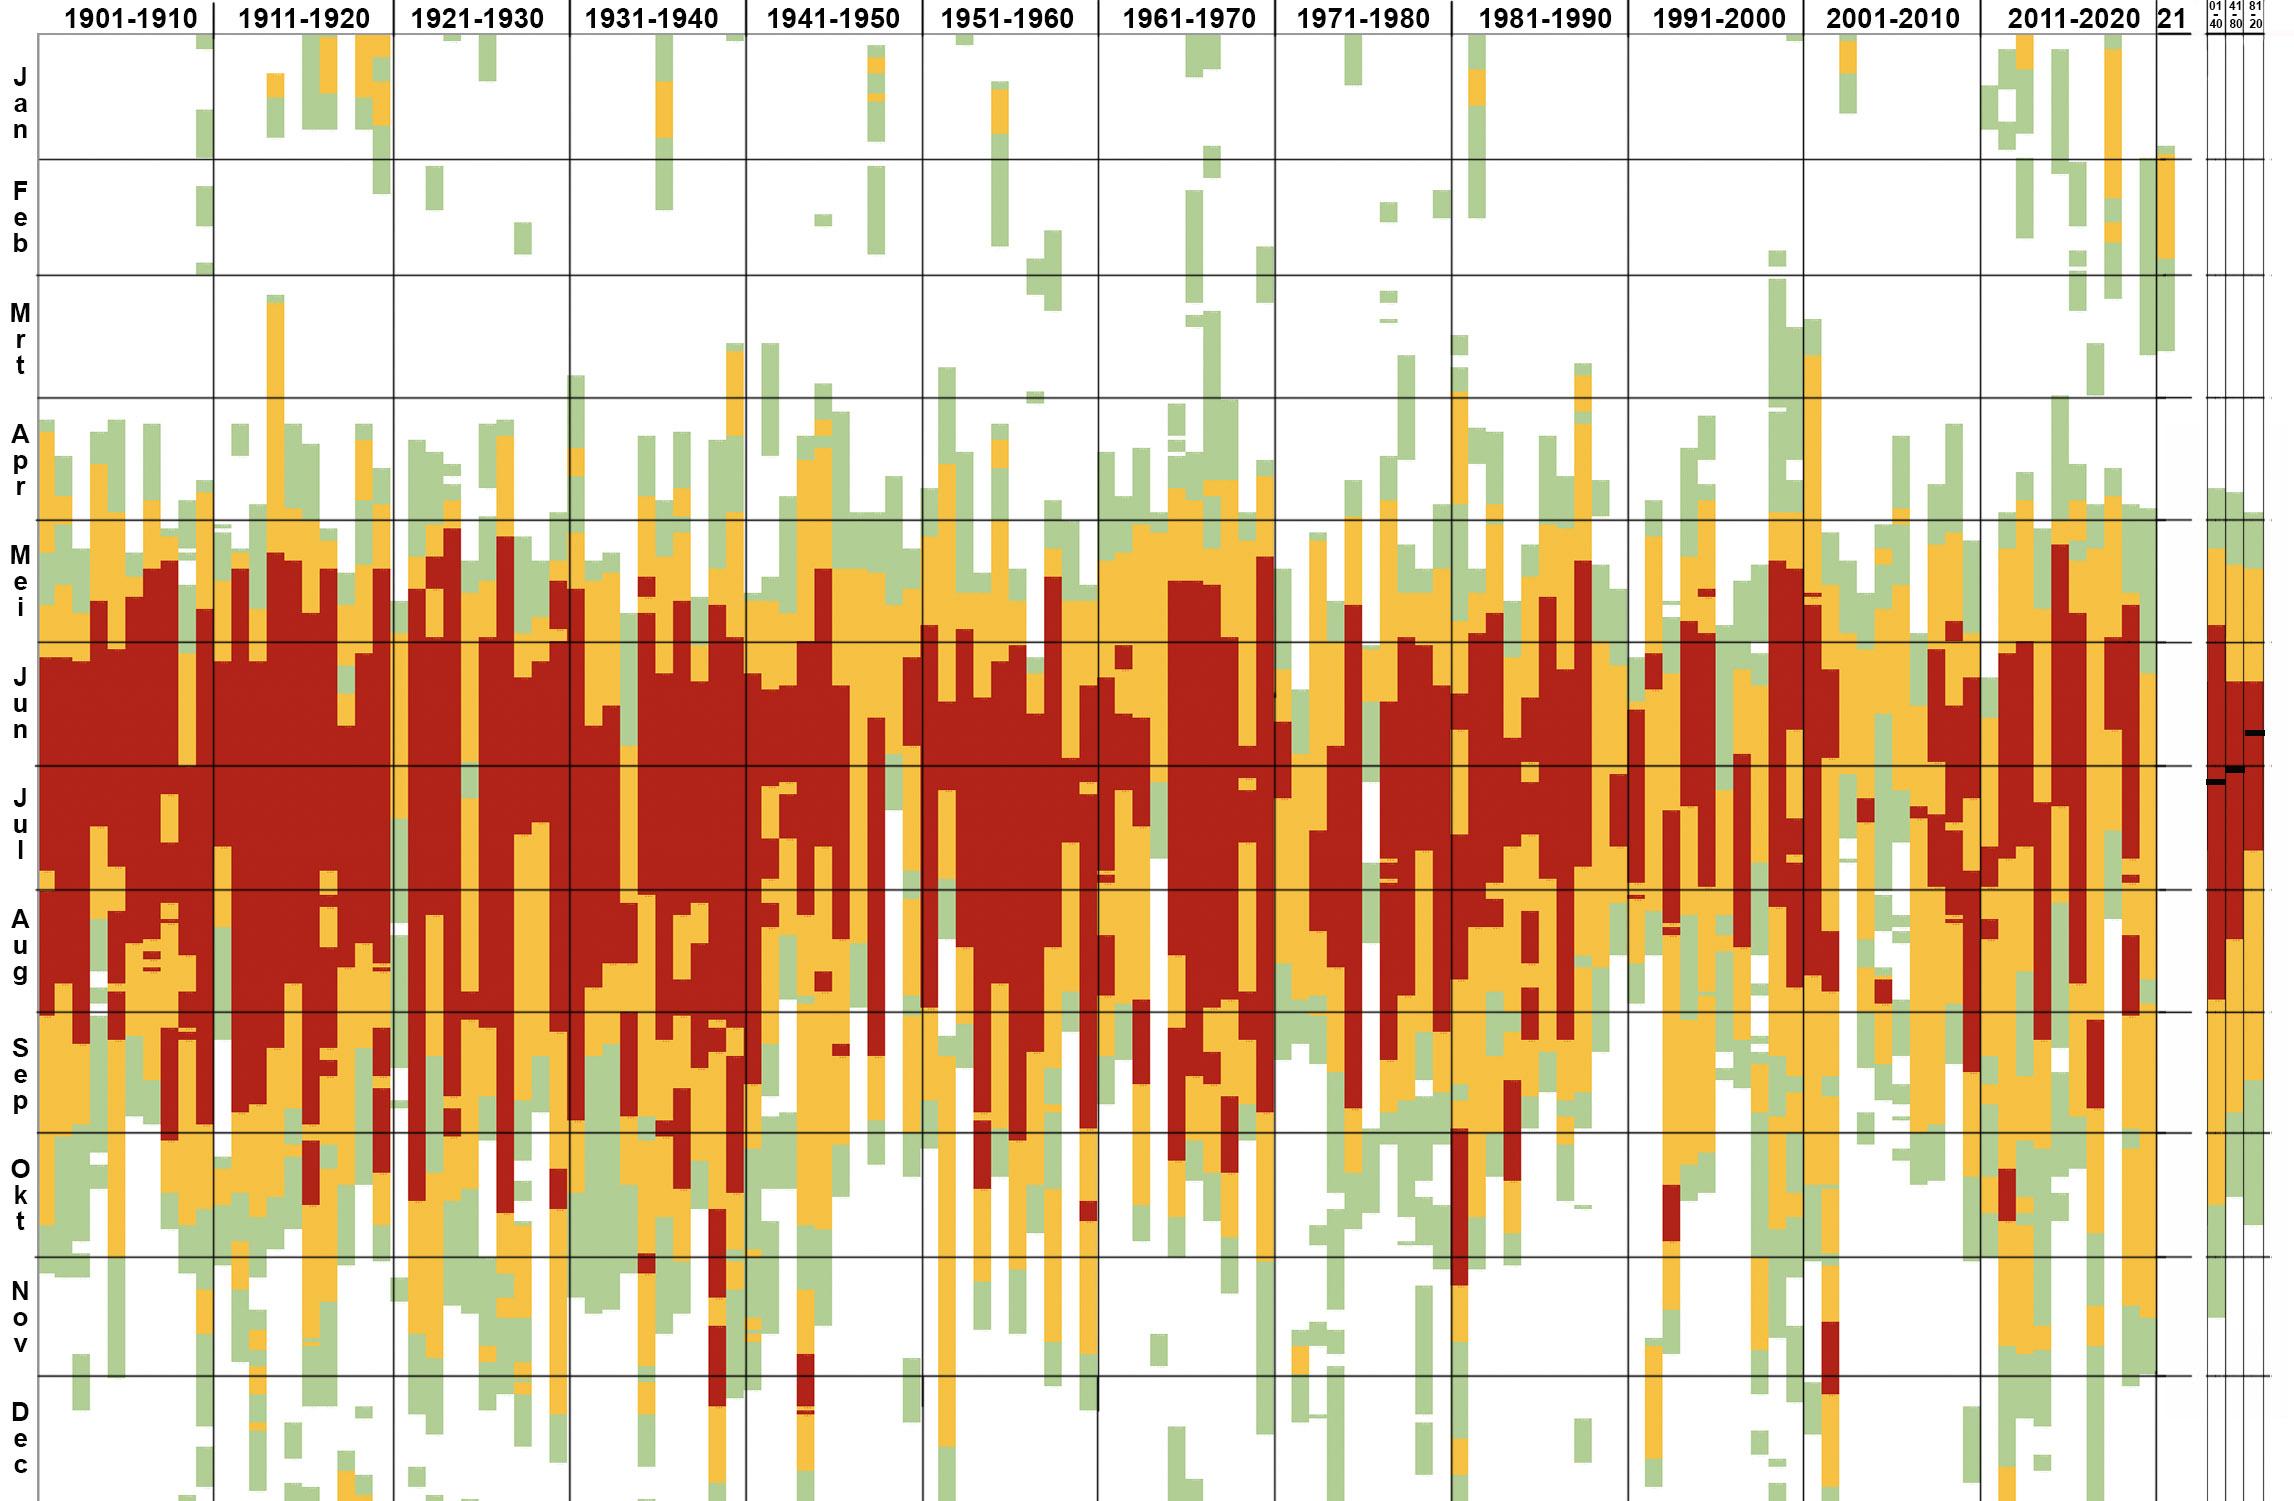 Verloop van de waterstand van de Bodensee bij Konstanz over de gehele meetreeks vanaf 1901. Peilverloop: wit <3,2 m, groen 3,2-3,5 m, oranje 3,5 -4,0 m en rood > 4 m. Geheel rechts zijn in 3 kolommen de gemiddelden van 1901-40, 1941-80 en 1981-2020 aangegeven.